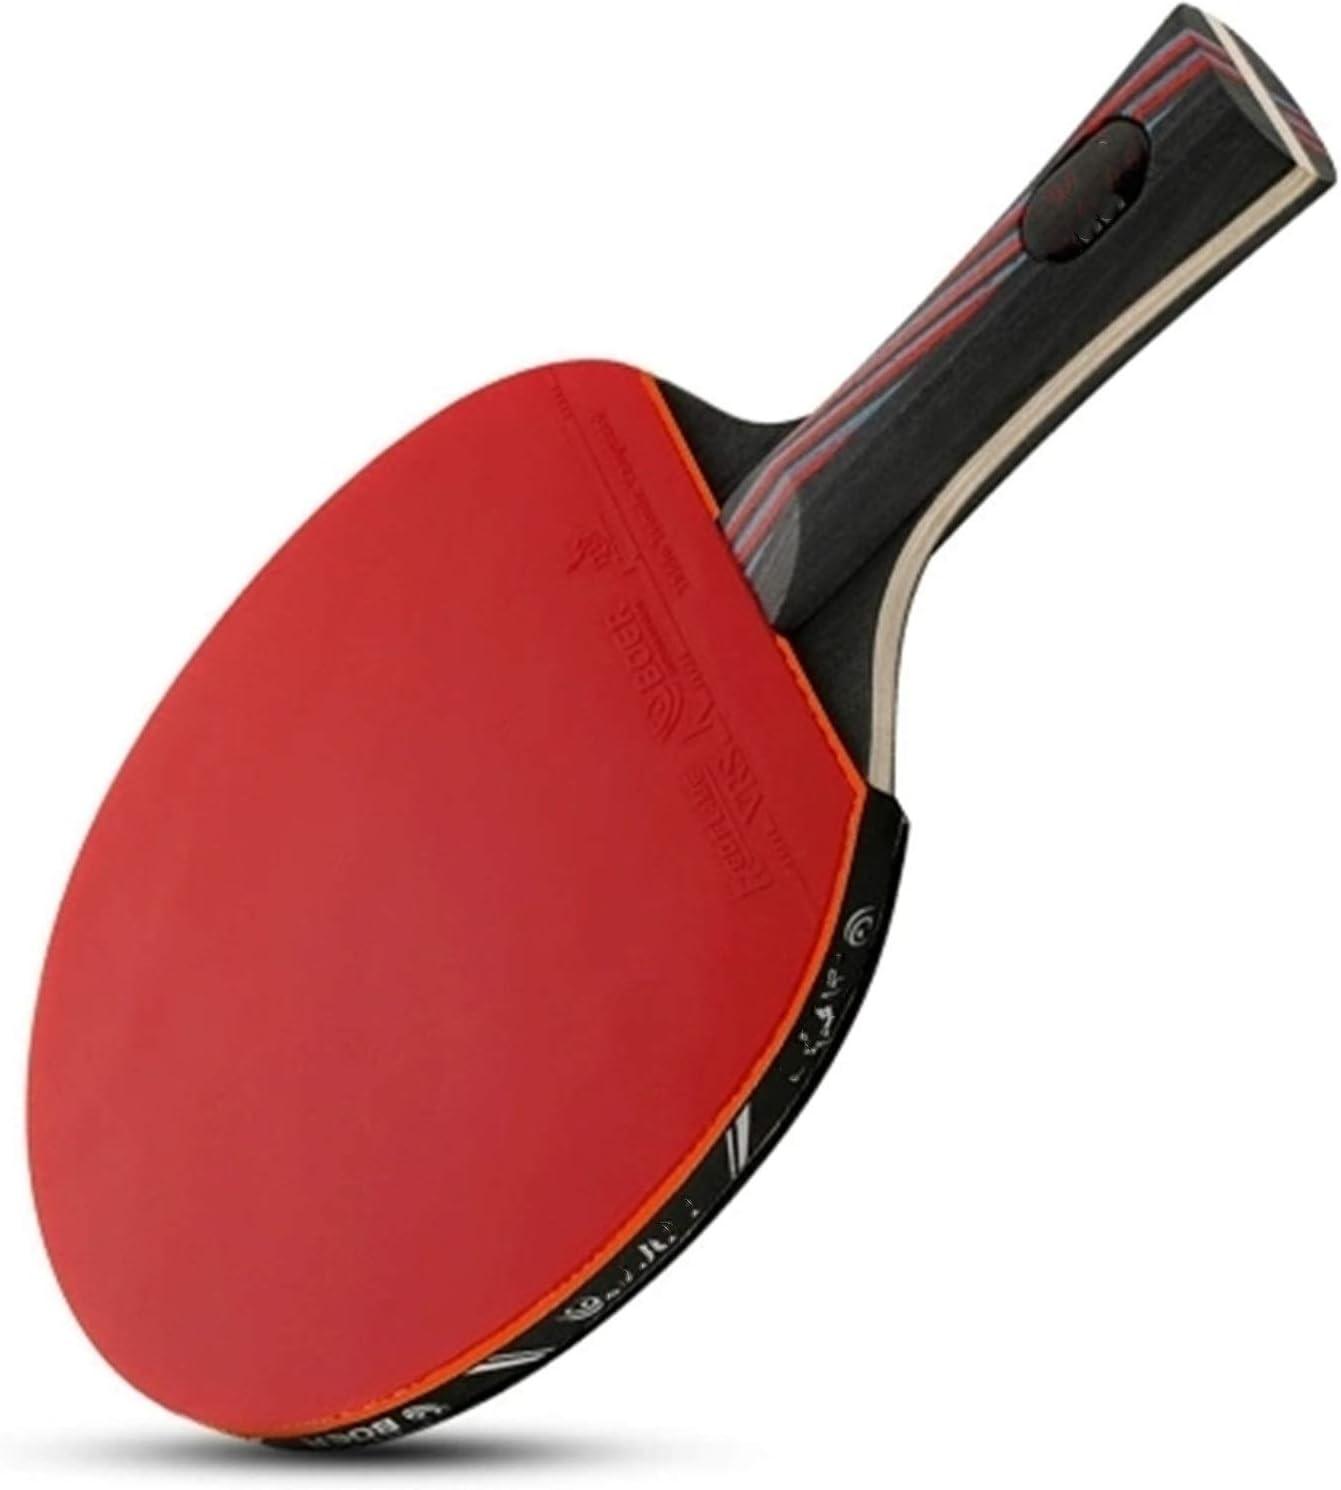 Paleta de Ping Pong 1 unids de Nivel de Rendimiento Tabla de Tenis Raqueta aprobada por Paloma de Goma Pong Tenis de Mesa Premium (Color : Red, Size : Long Handle)